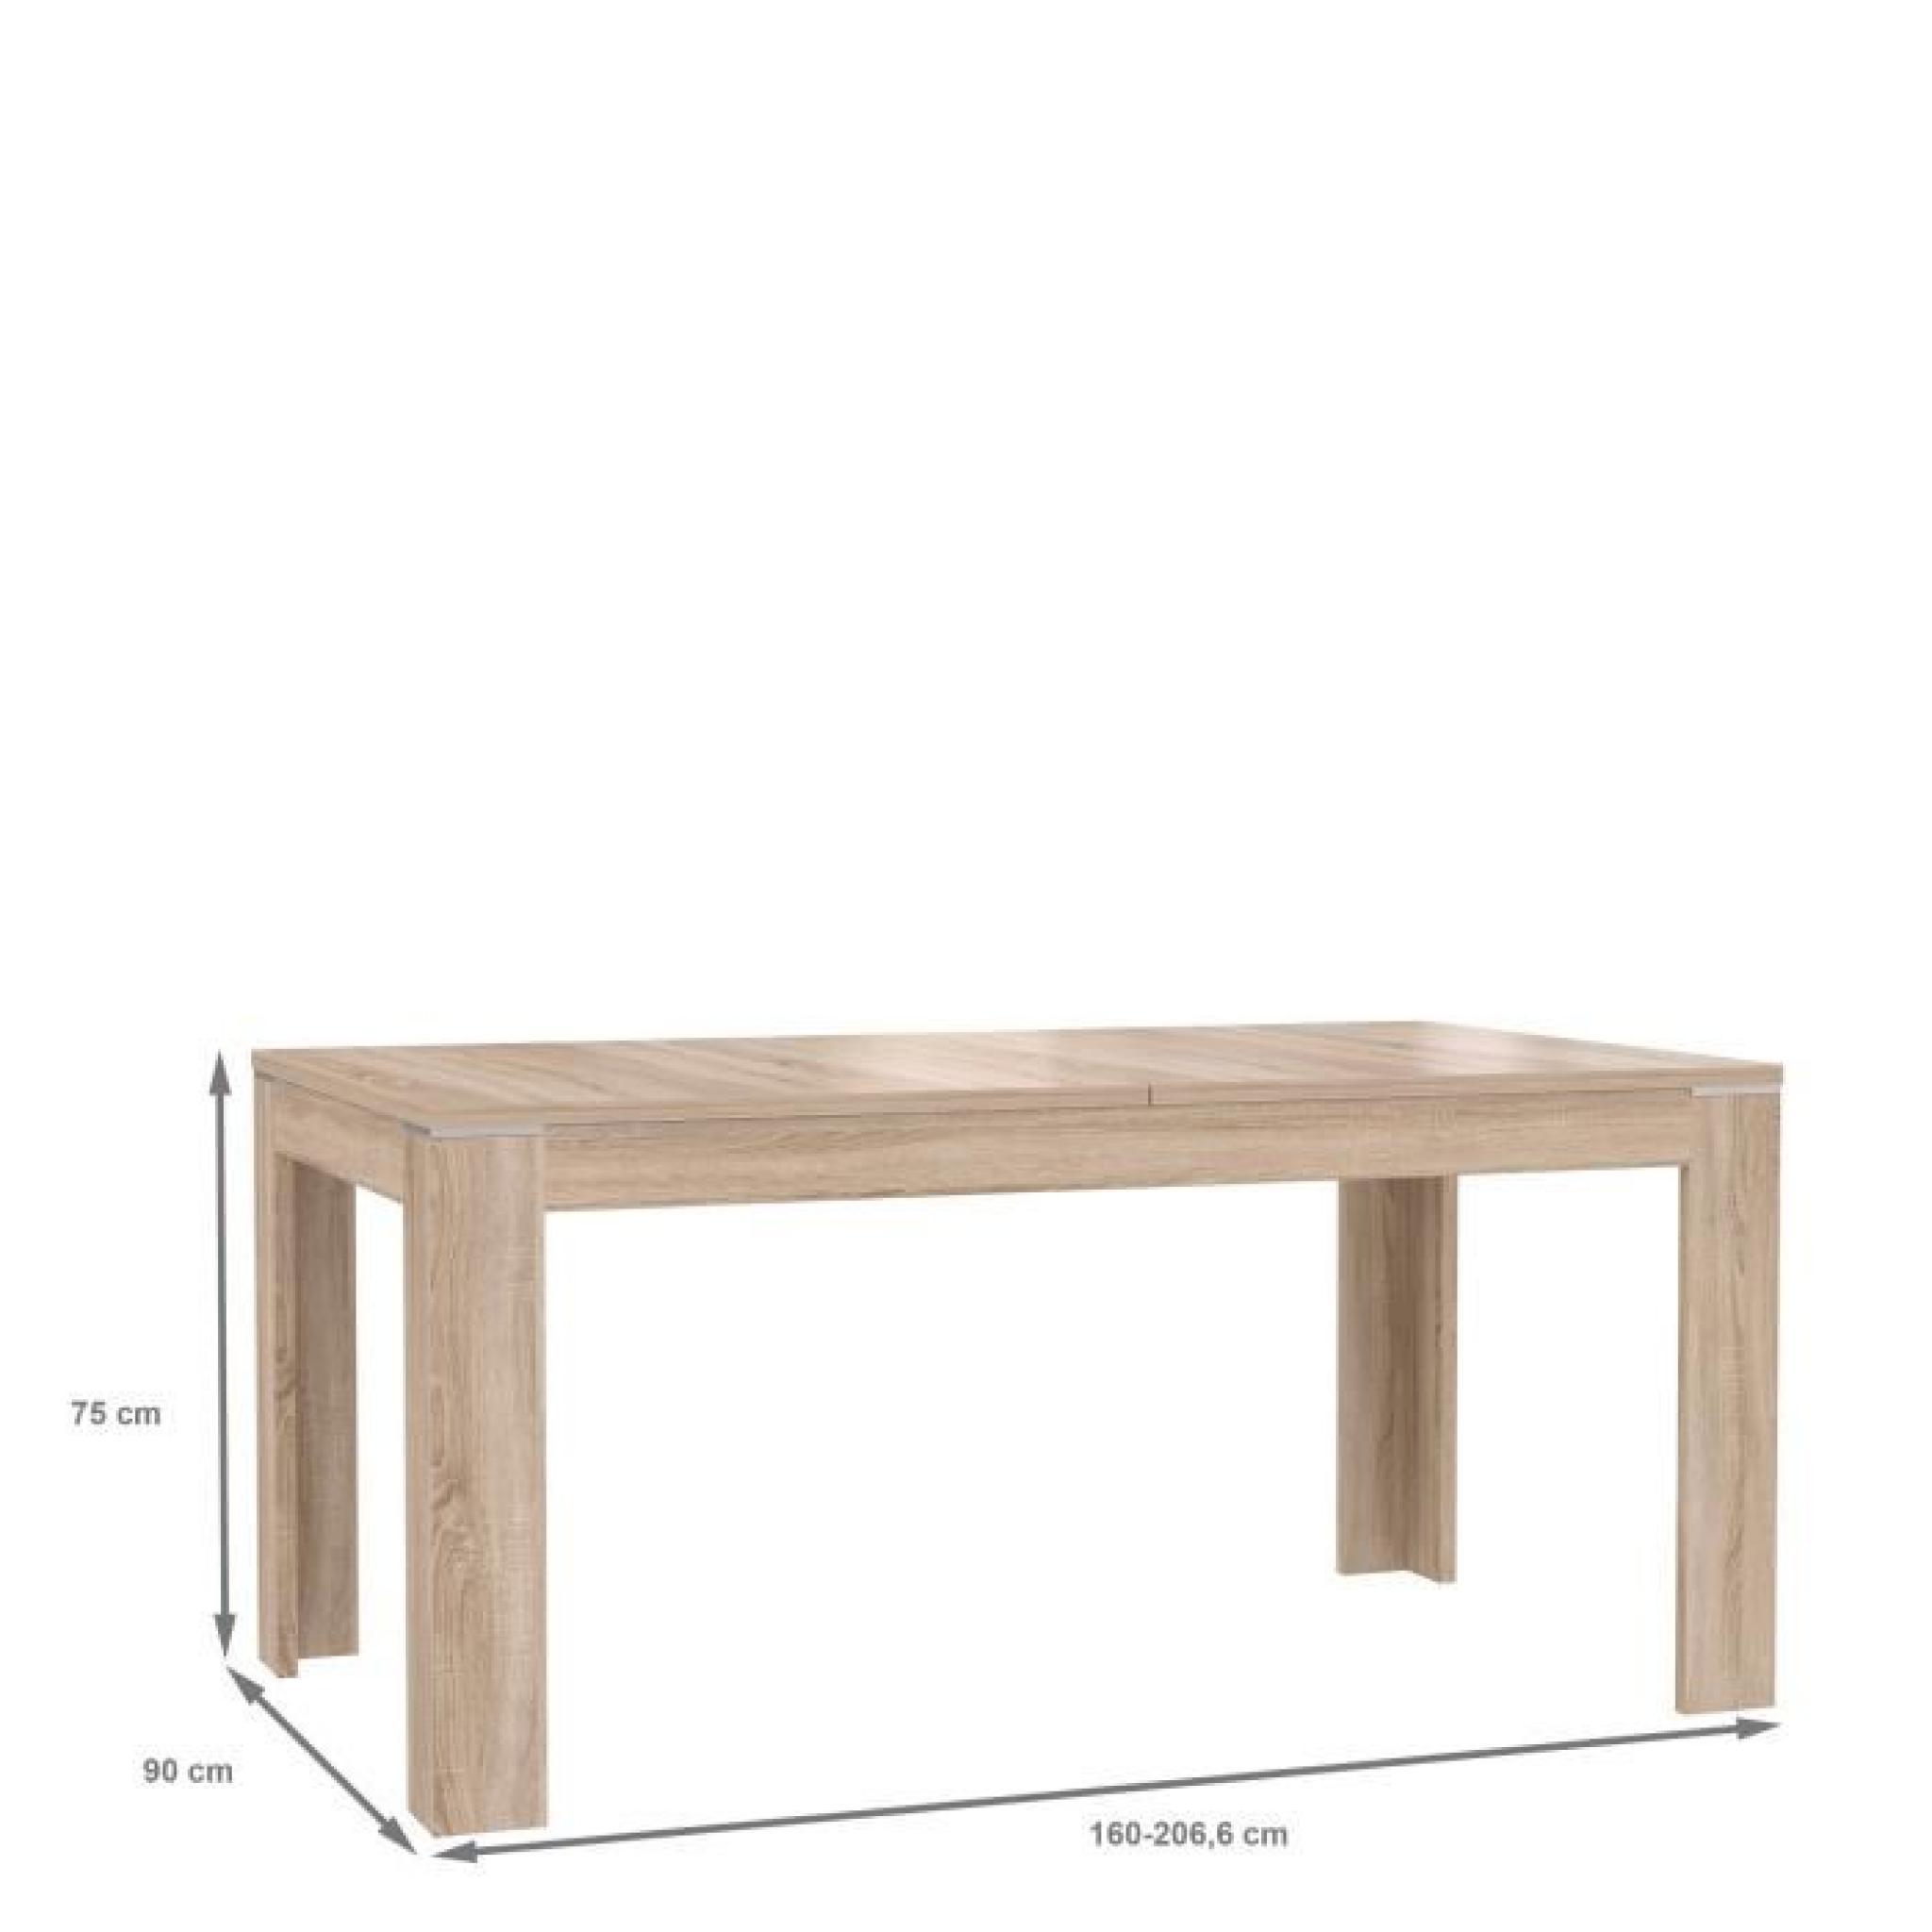 CALPE Table extensible 160/207cm coloris chêne clair - Achat/Vente ...